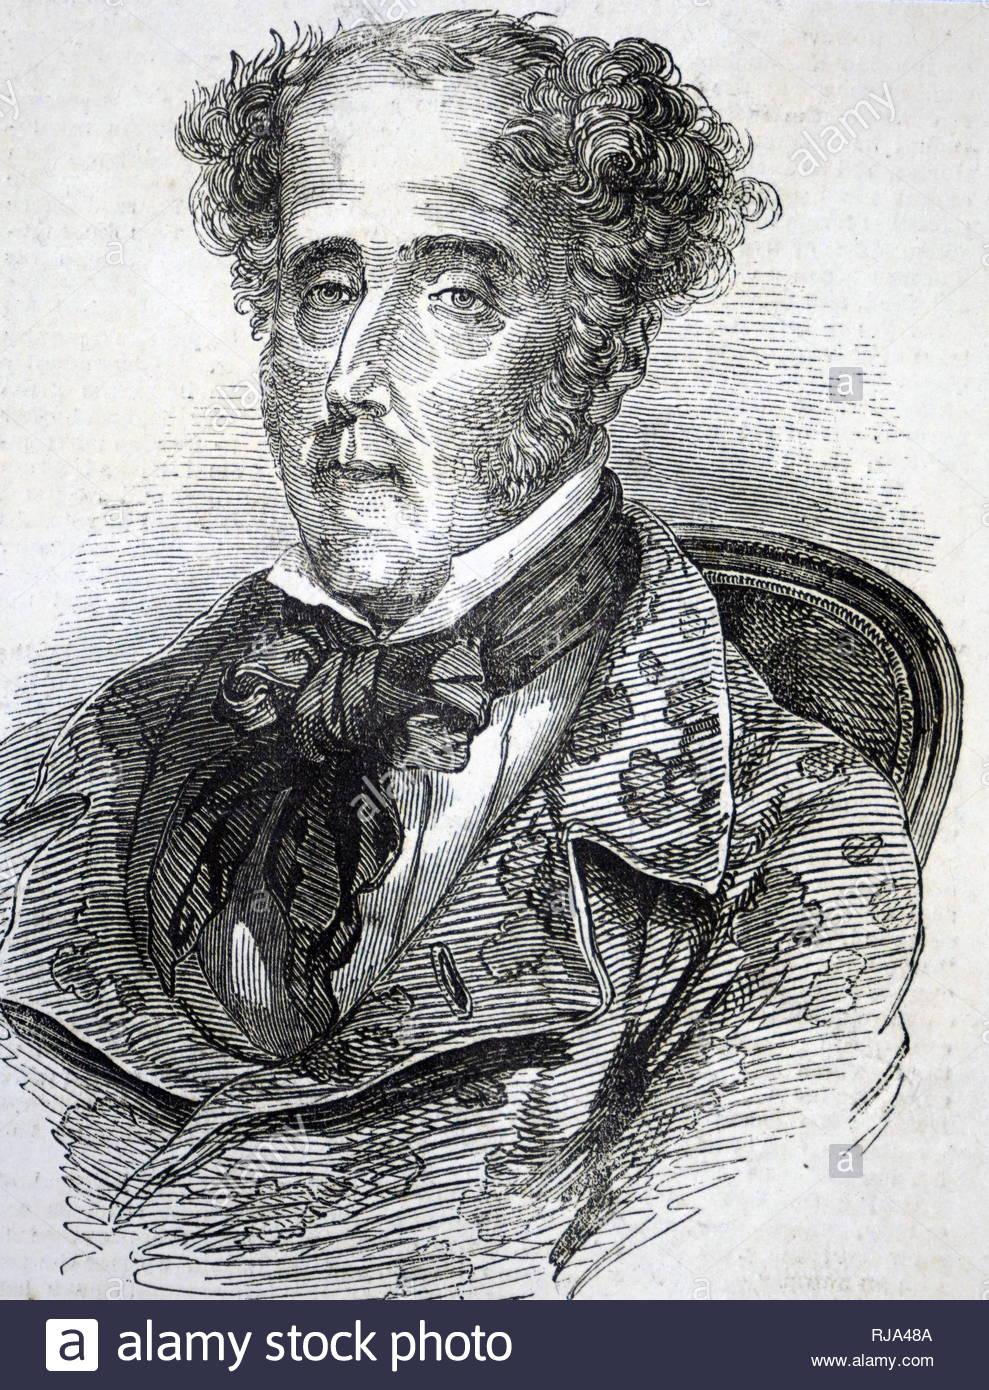 Portrait von François-René de Chateaubriand (1768-1848), ein französischer Schriftsteller, Politiker, Diplomat und Historiker, der Gründer der Romantik in der französischen Literatur betrachtet wird. Vom 19. Jahrhundert Stockbild